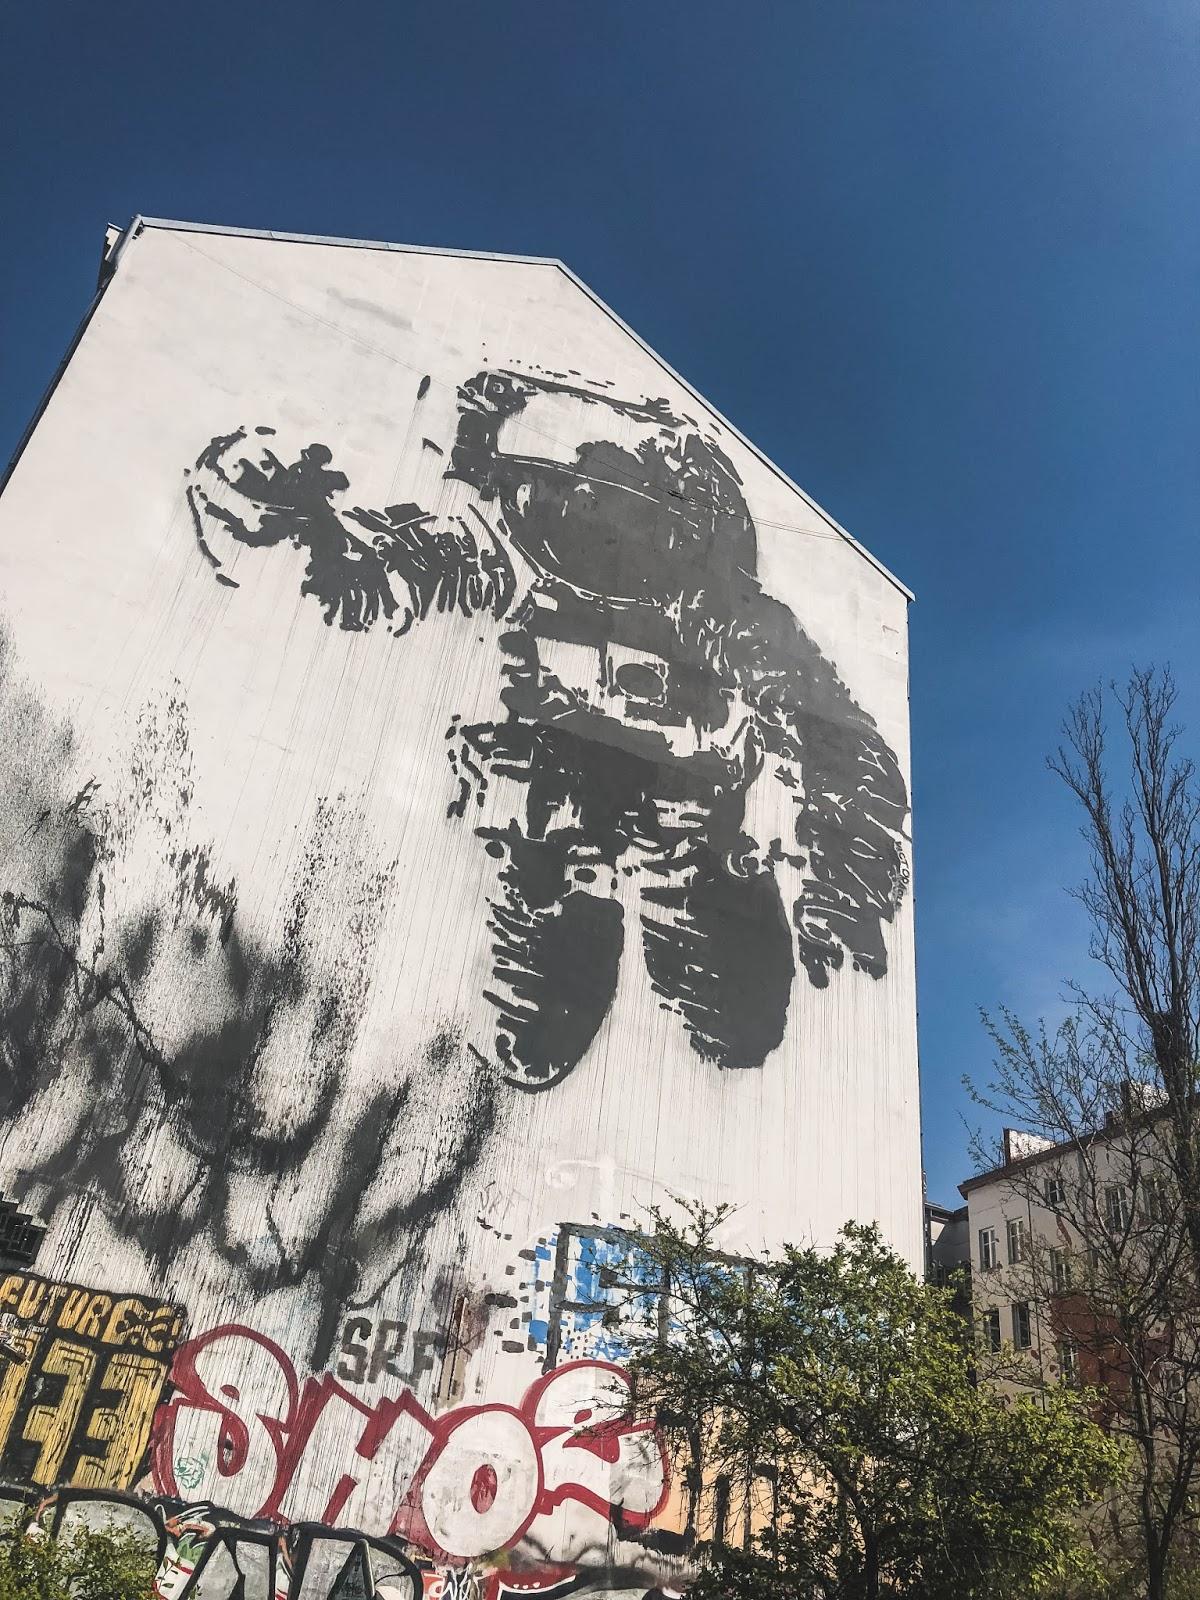 l'astronaute street art berlin